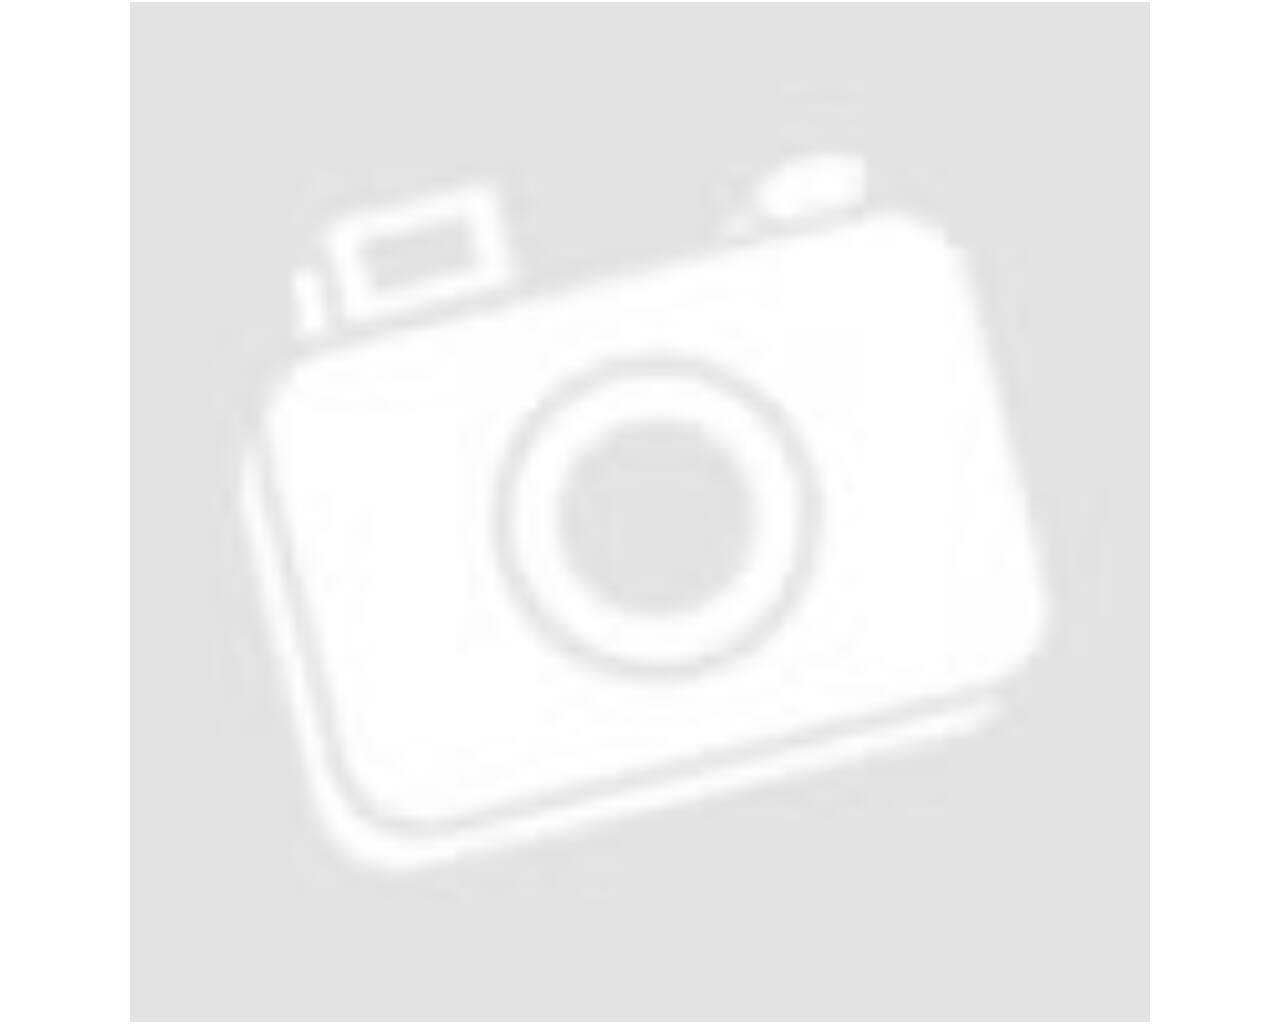 Bosch ProPower elektromos Húsdaráló, +hátrameneti funkció, 2,7 kg / perc, 1600 W, fehér + szürke